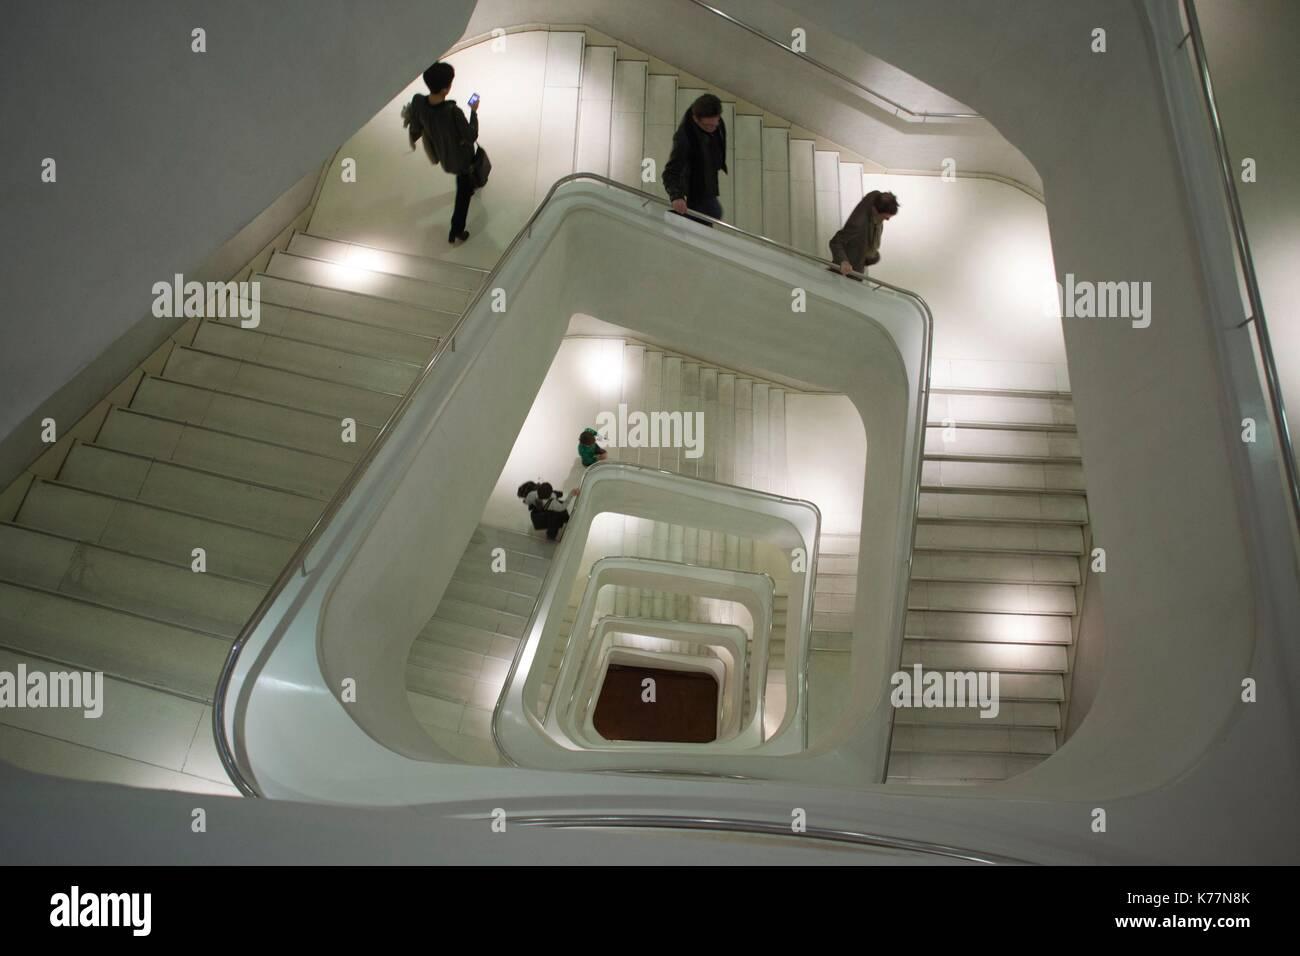 Spanien, Madrid, Paseo del Prado, Caixa Forum, Herzog und de Meuron Architekten, Innenarchitekten, Treppenhaus Stockbild